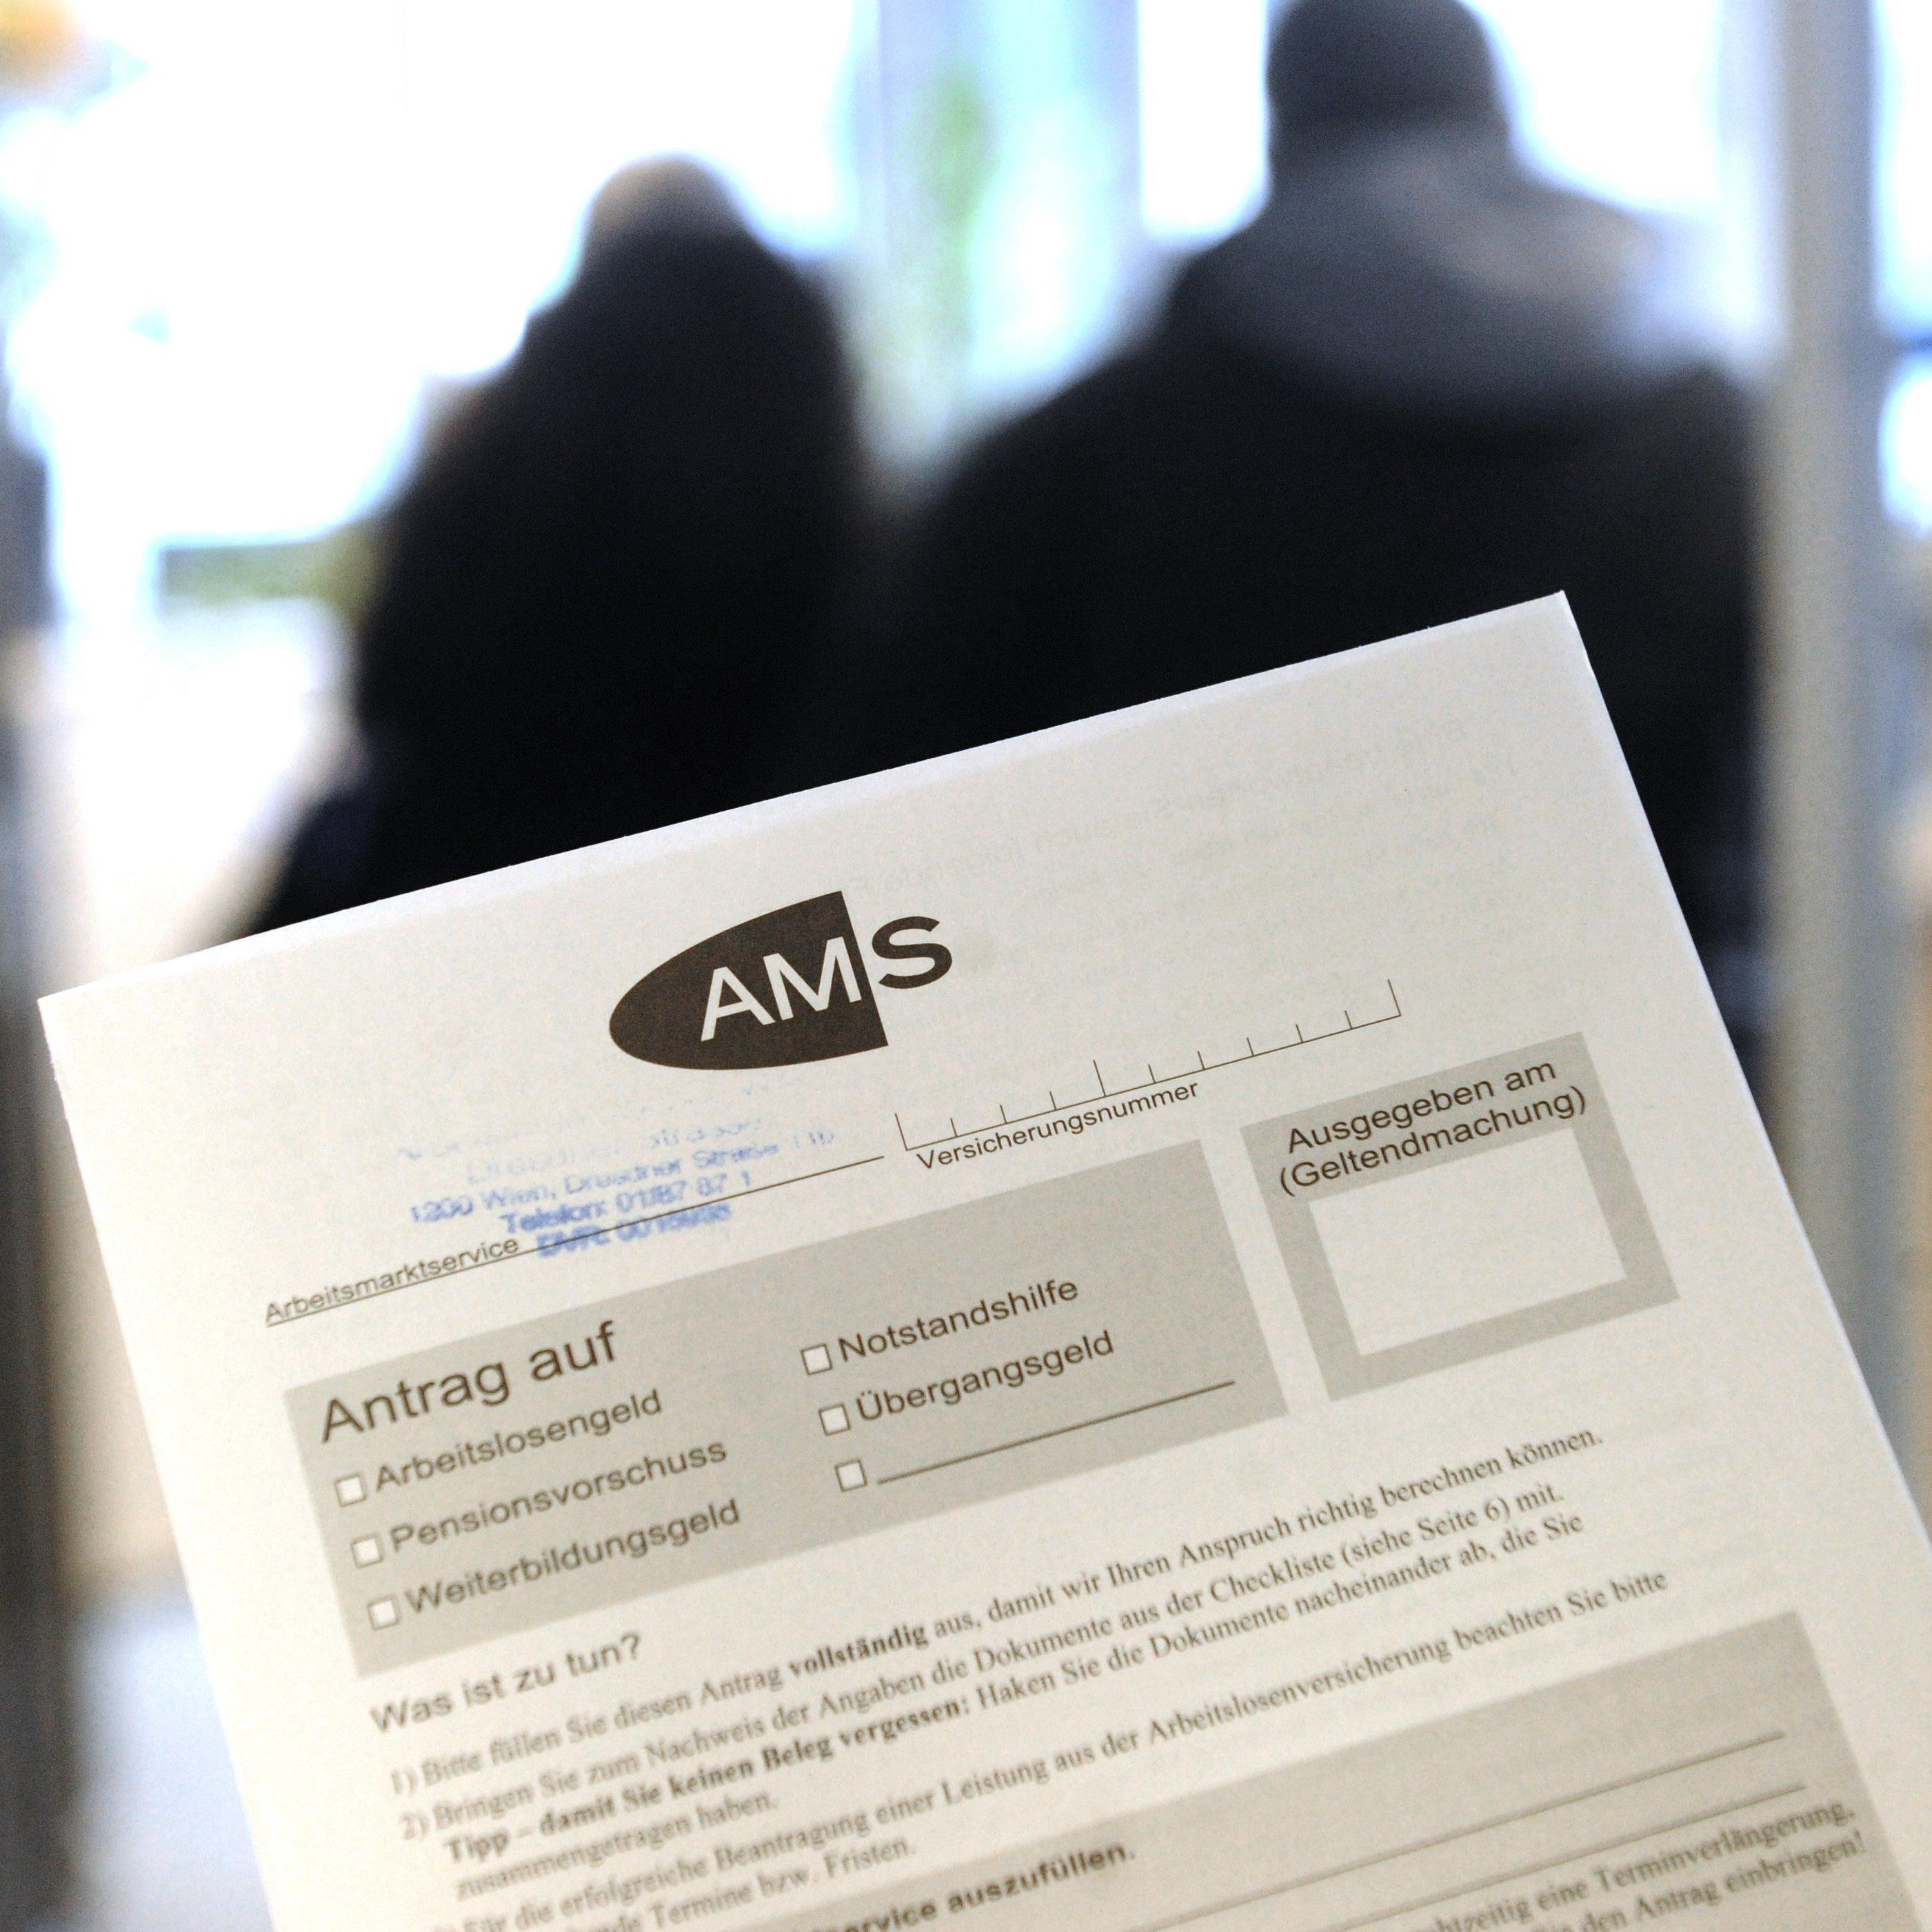 Arbeitslosenquote stieg im Jänner um 0,8 Prozentpunkte auf 10,5 Prozent.